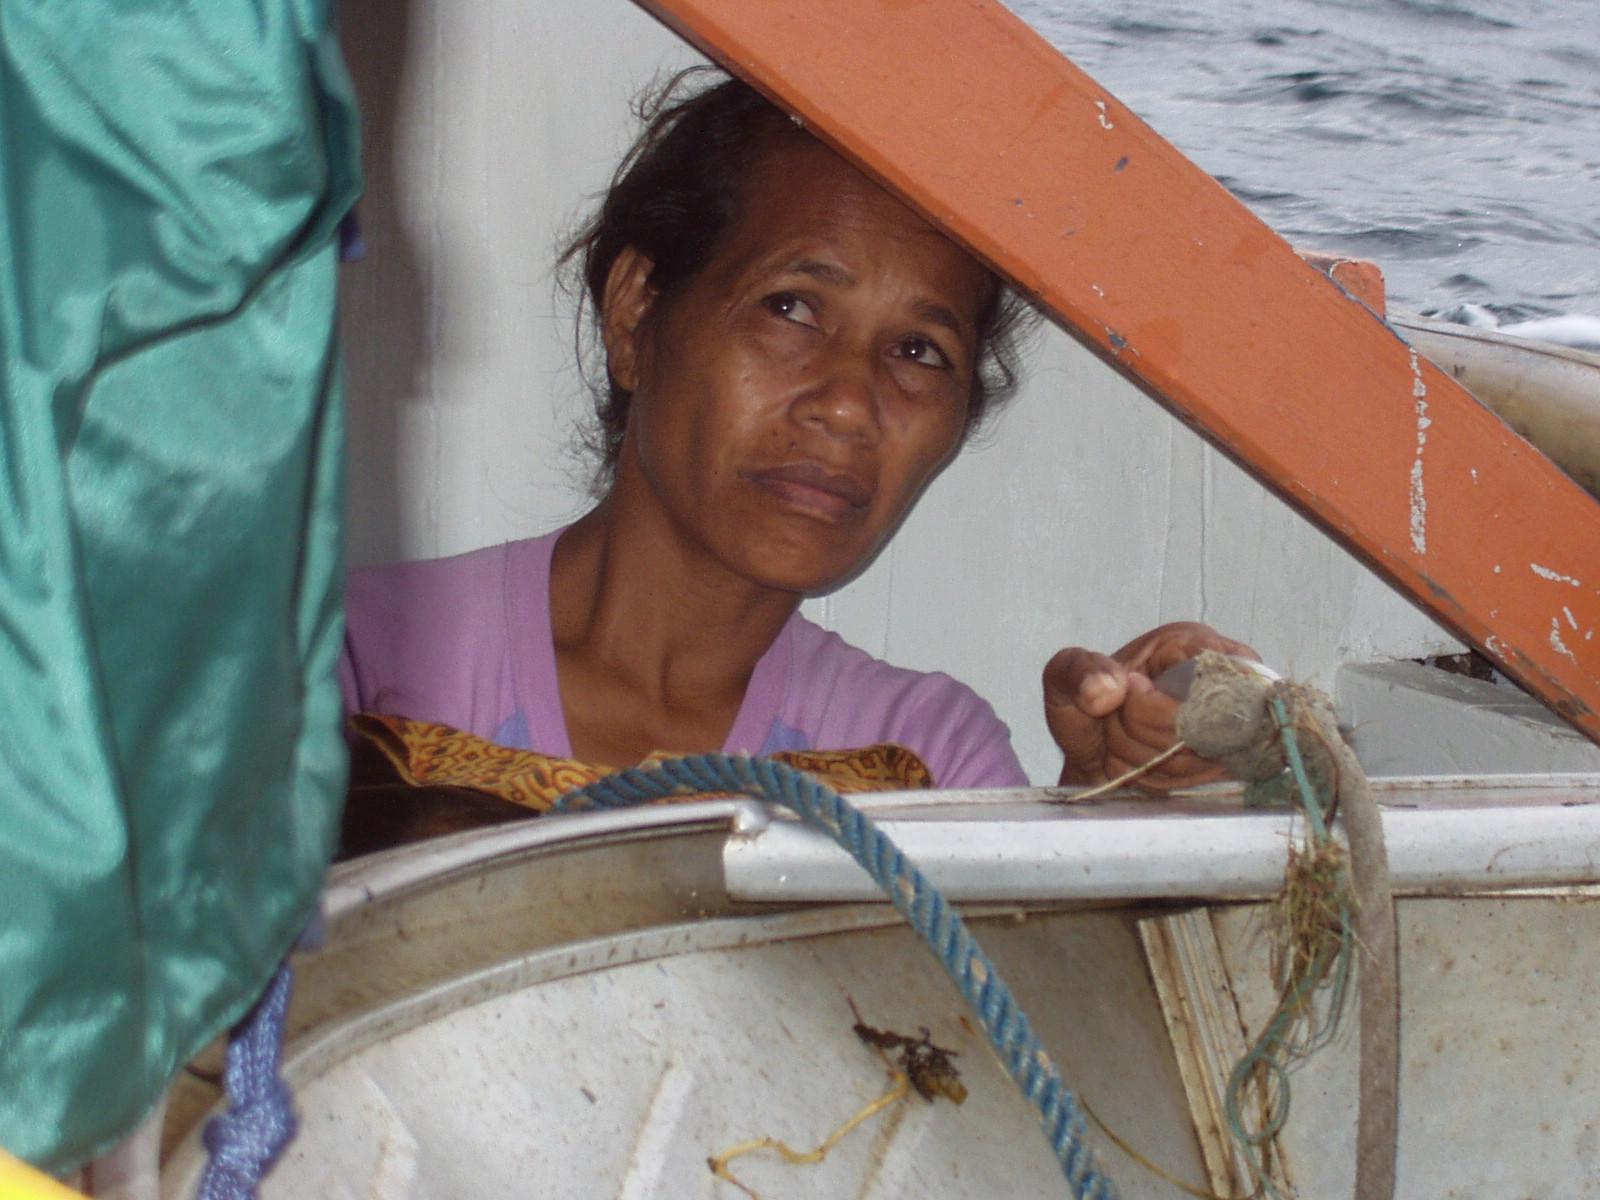 Dentro de uma corcora em viagem para Ataúro